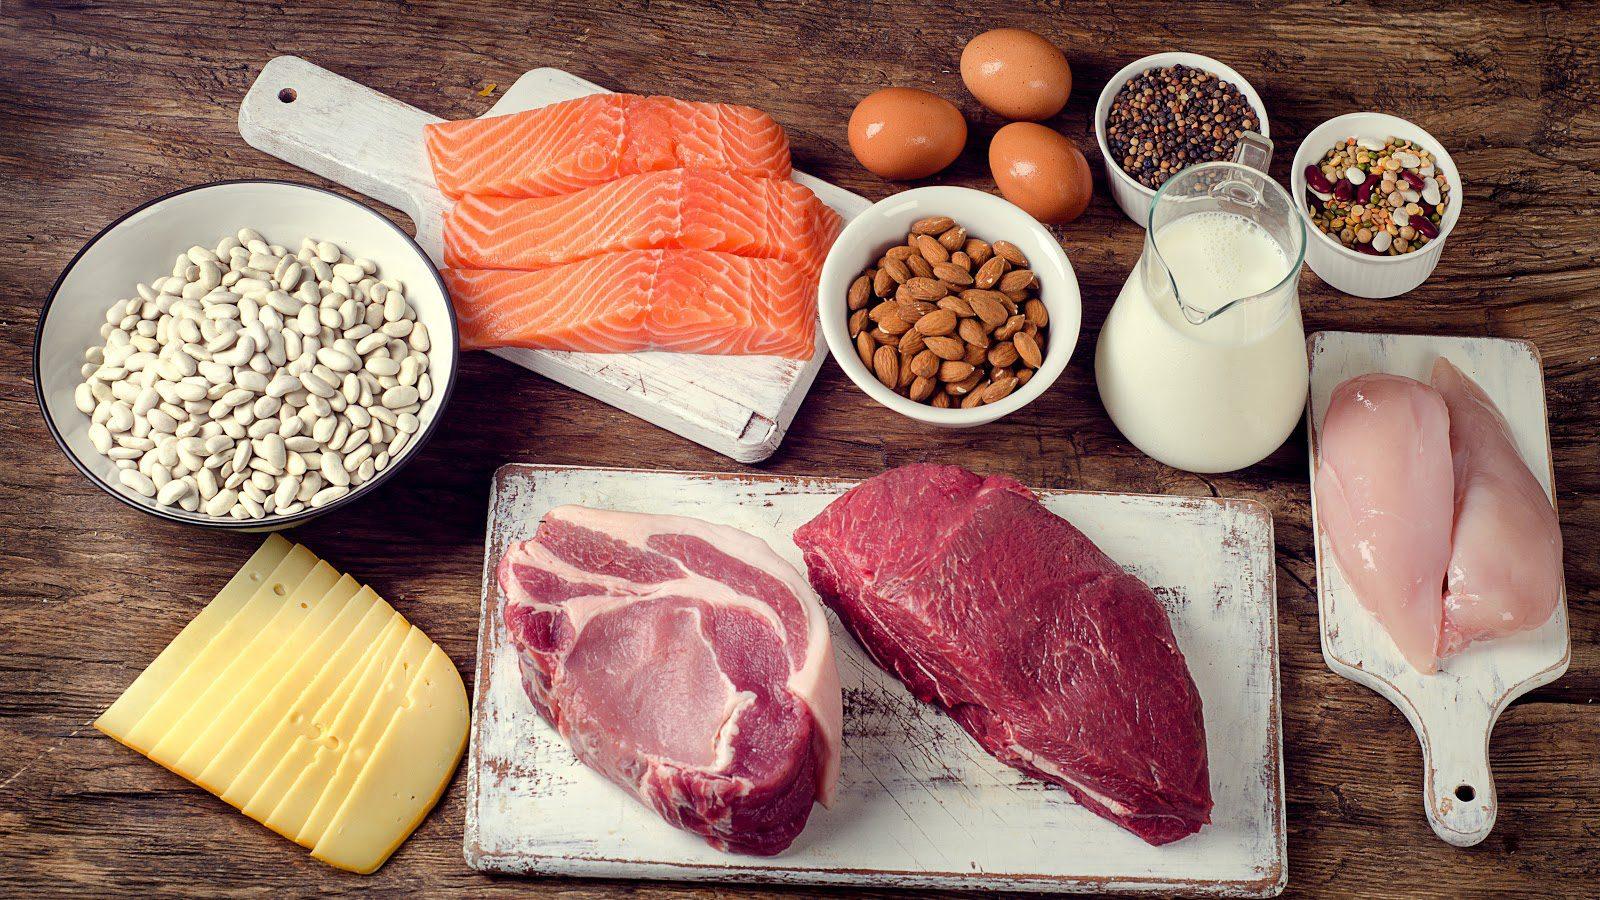 Proteine, migliori fonti proteiche